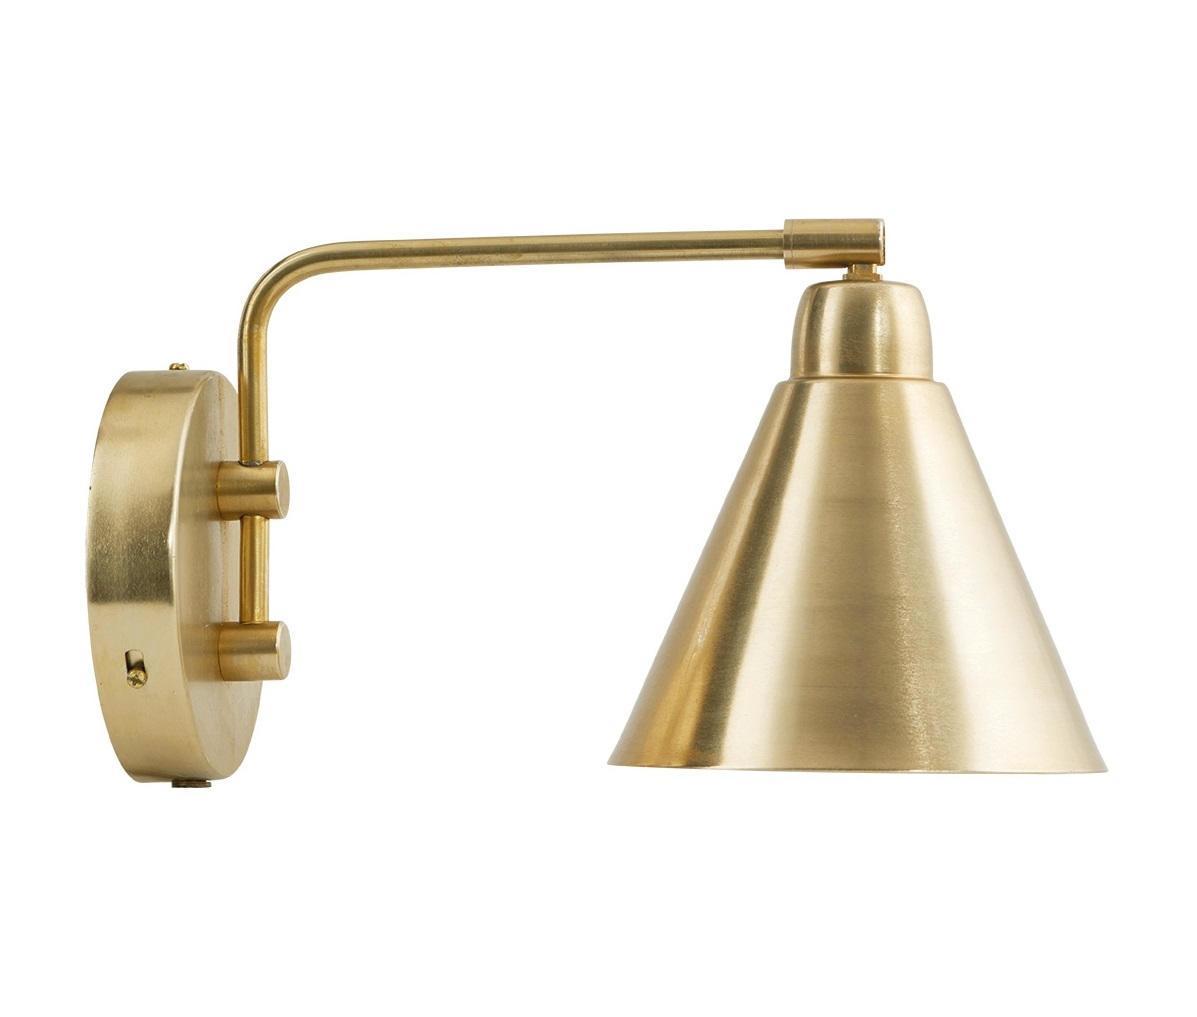 House Doctor Nástěnná lampička Game Brass, zlatá barva, kov